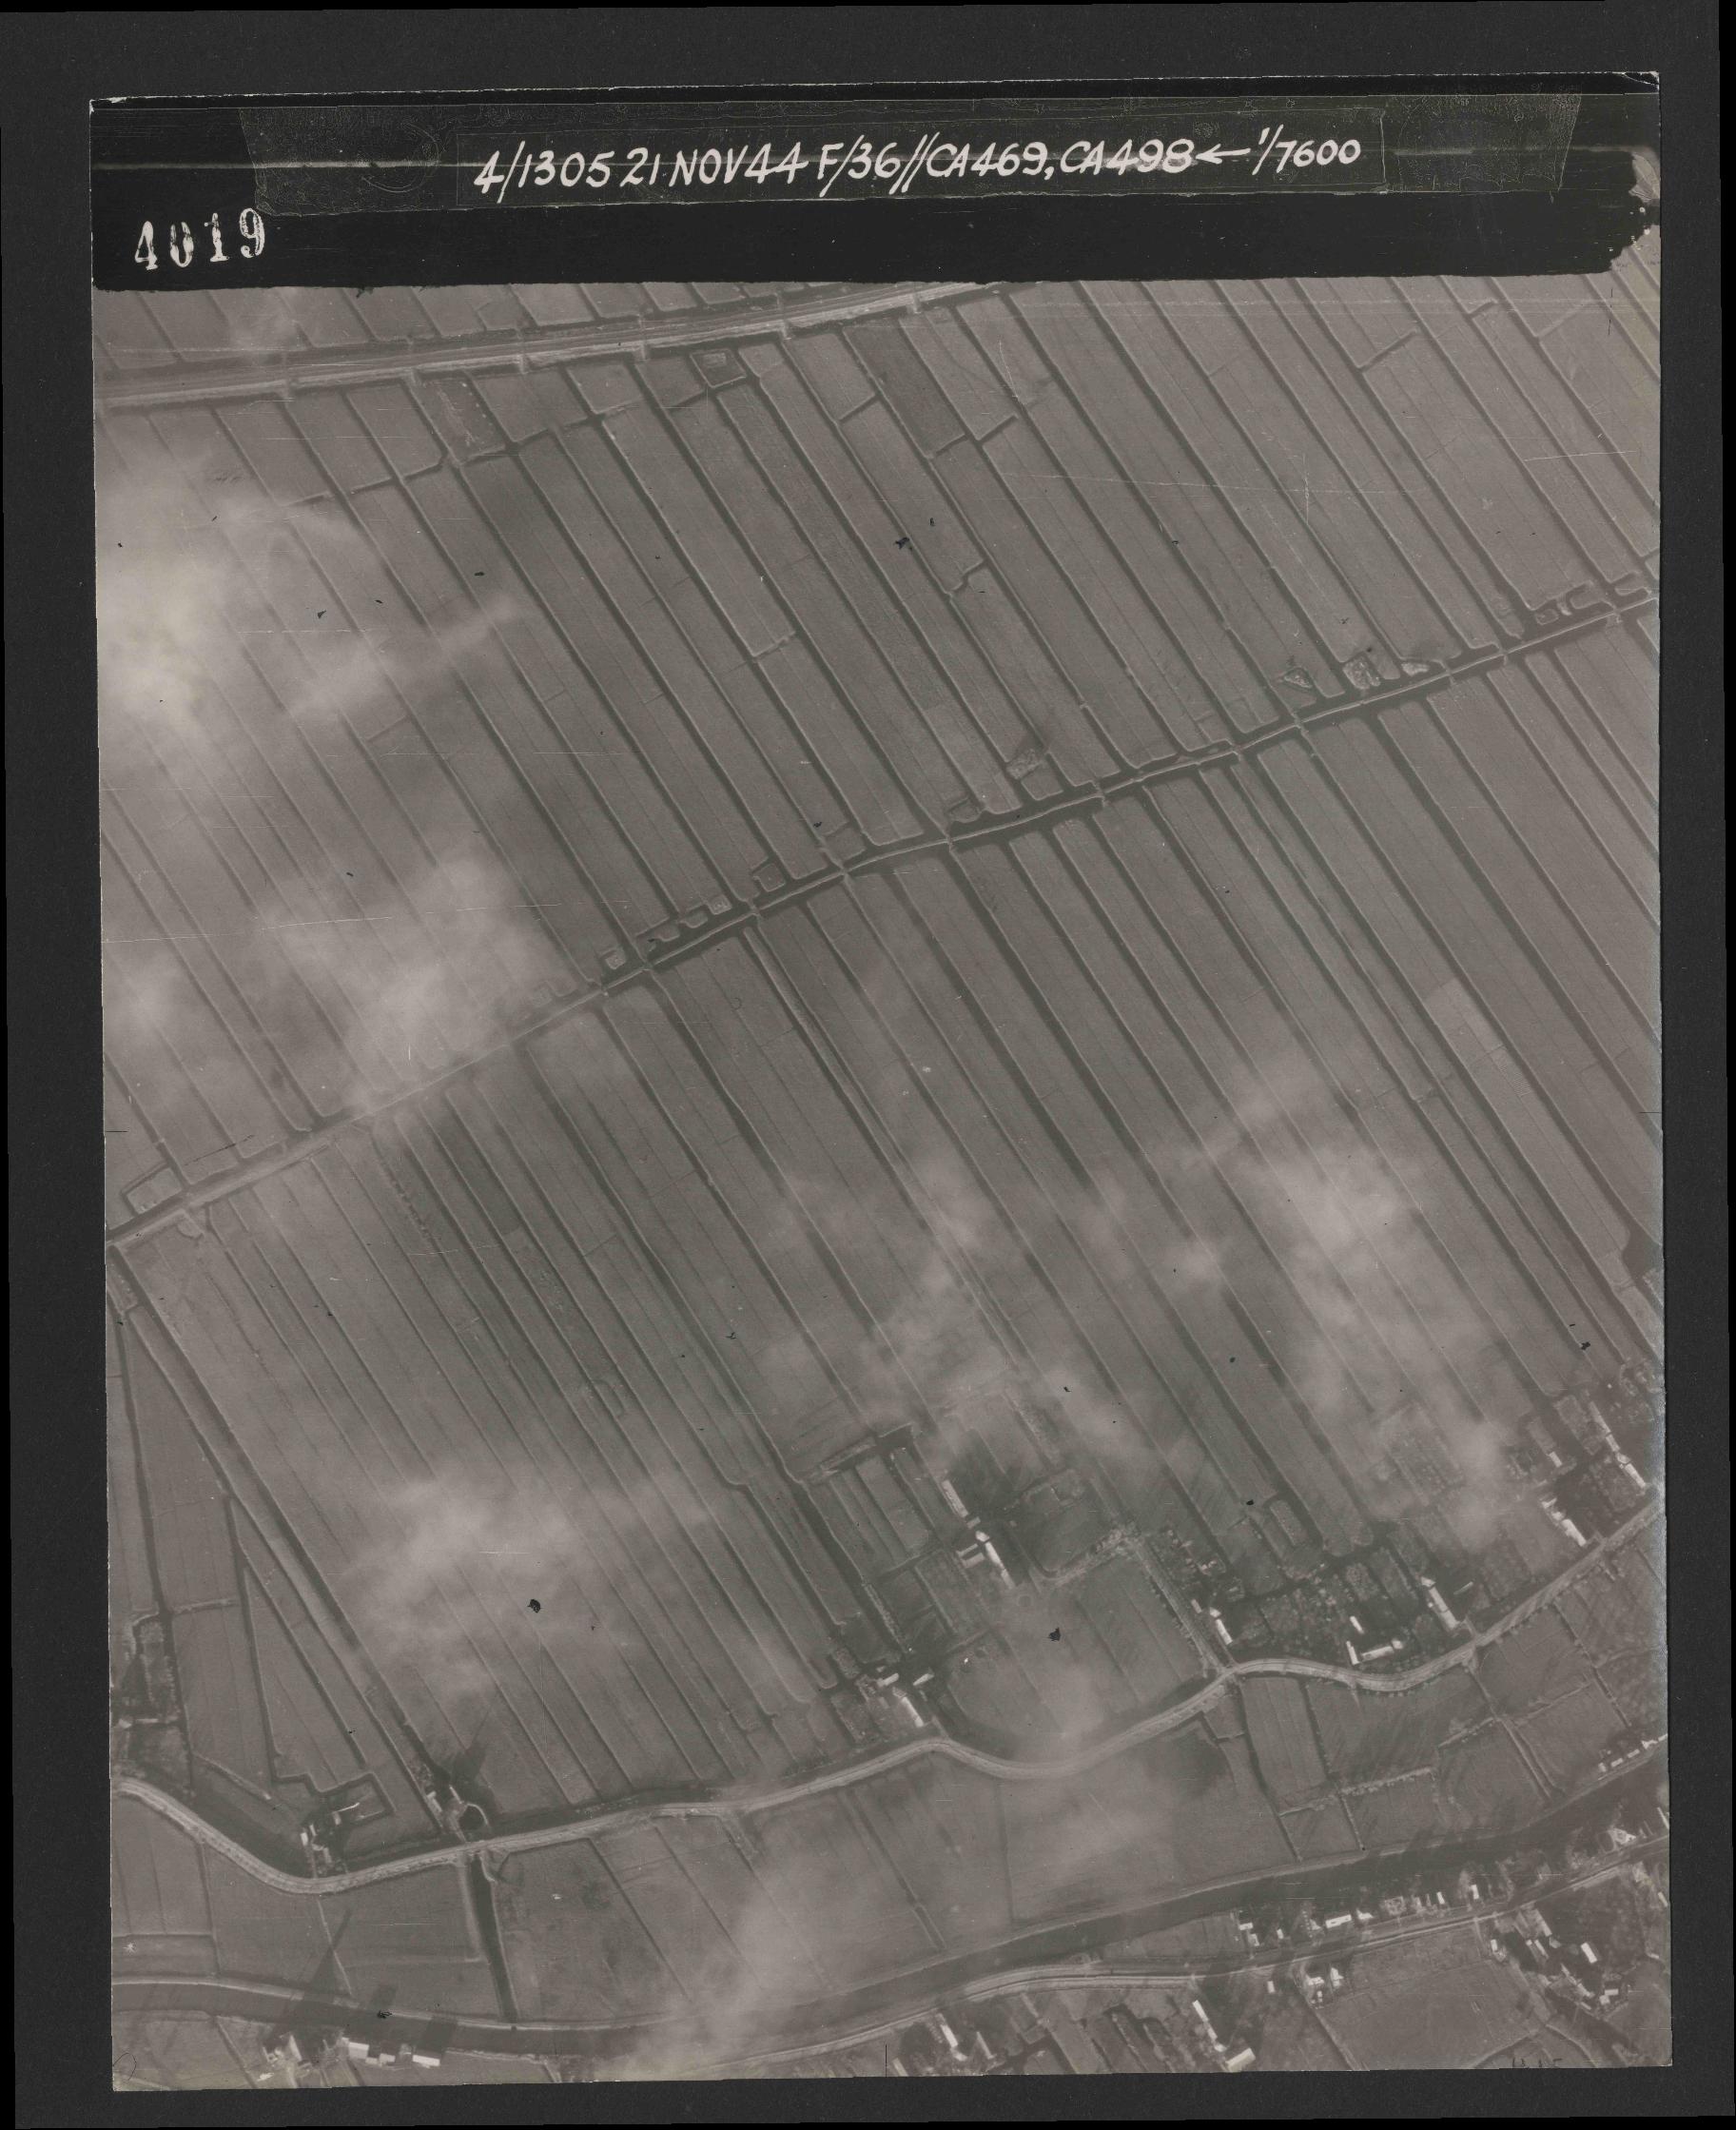 Collection RAF aerial photos 1940-1945 - flight 237, run 13, photo 4019